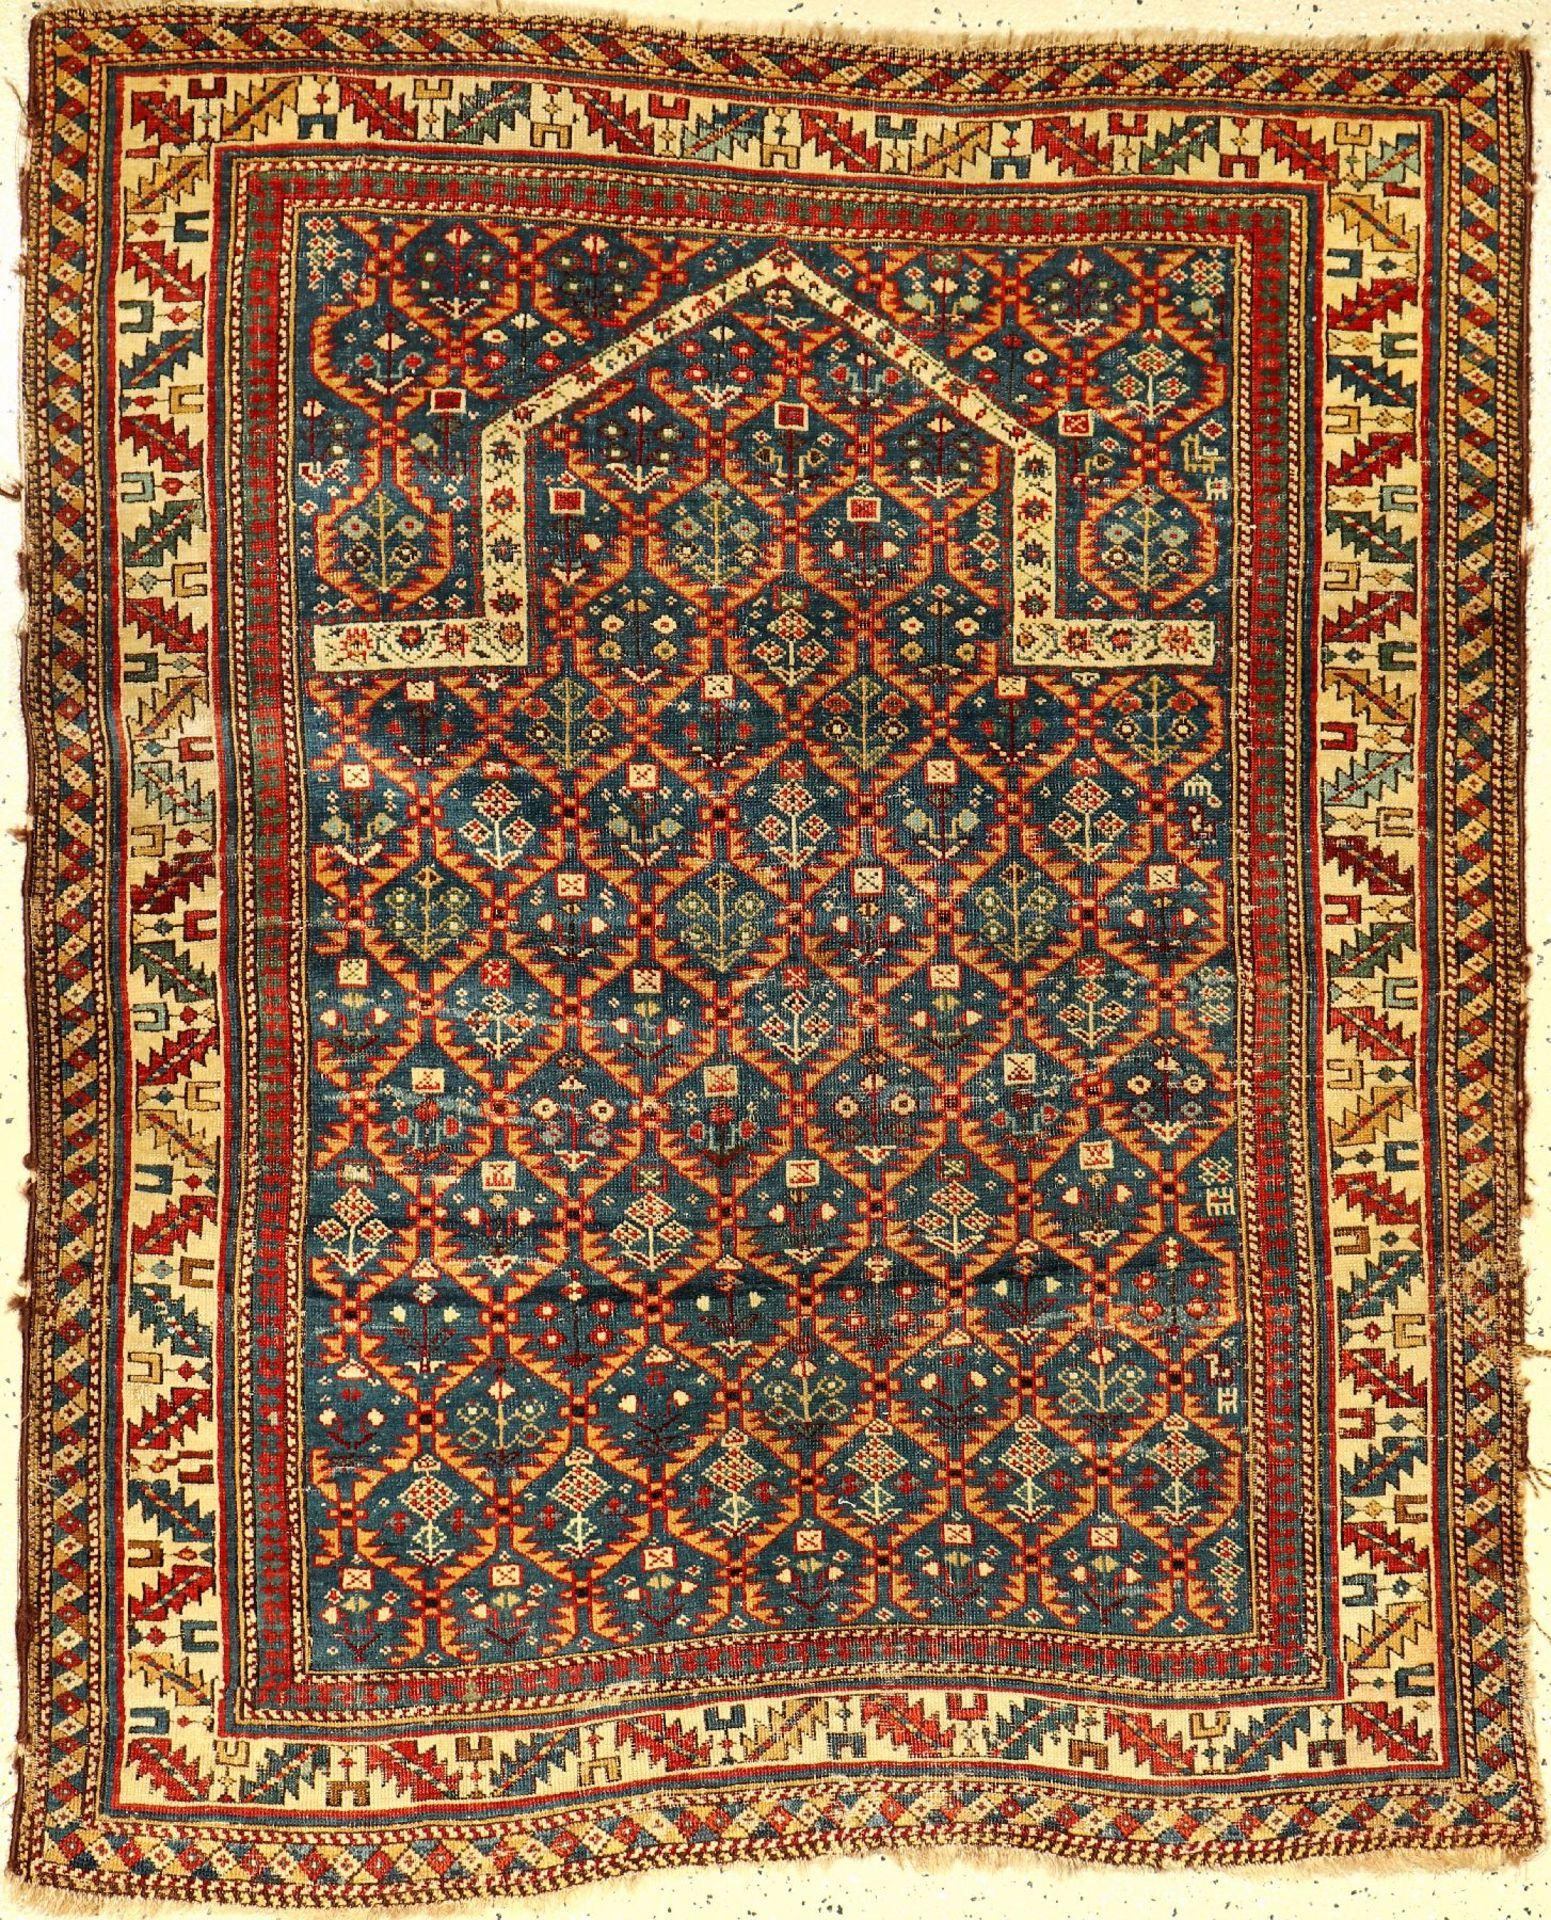 Kuba Schirwan Gebetsteppich, antik, Kaukasus, 19.Jhd., Wolle auf Wolle, ca. 140 x 110 cm, (Alters